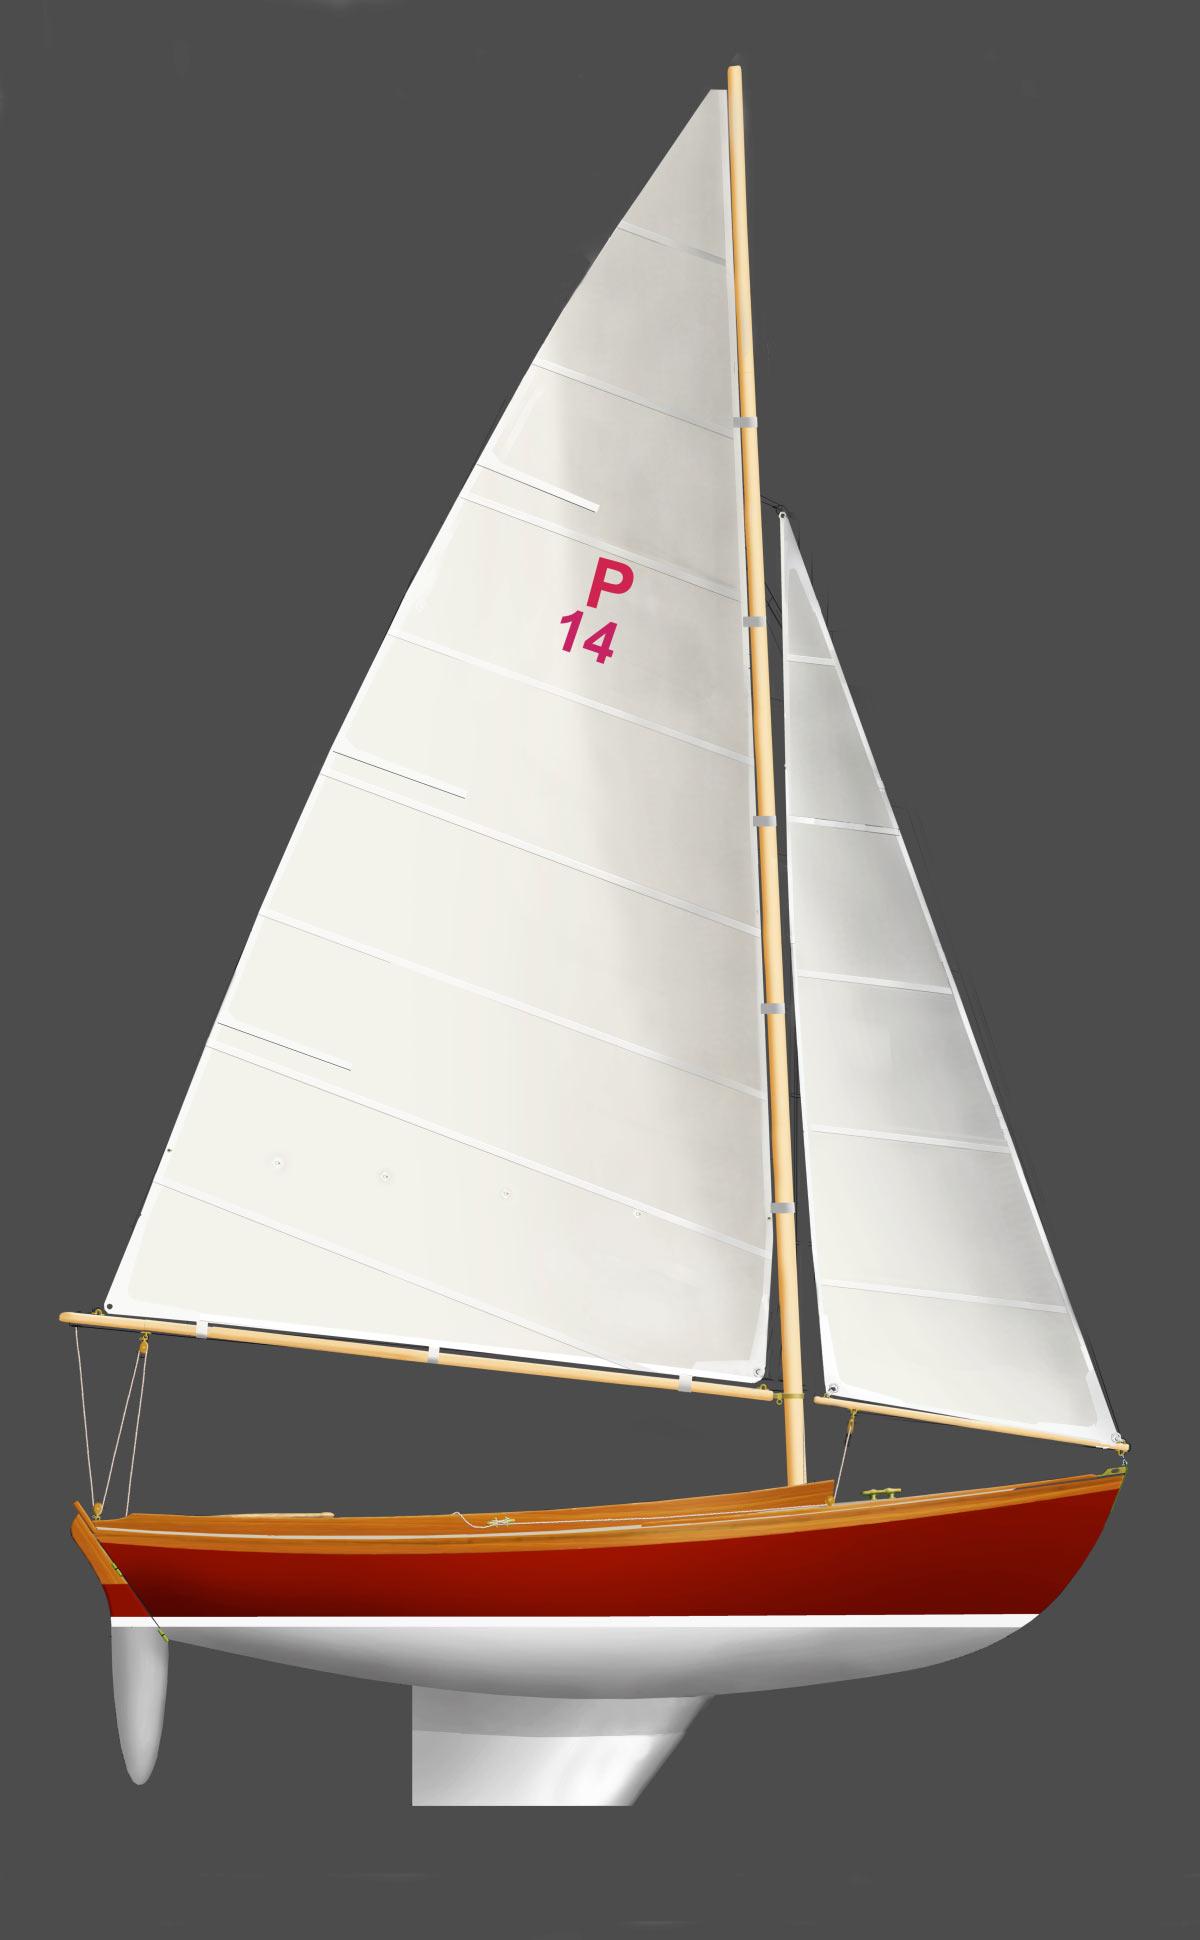 Paine 14 sailplan